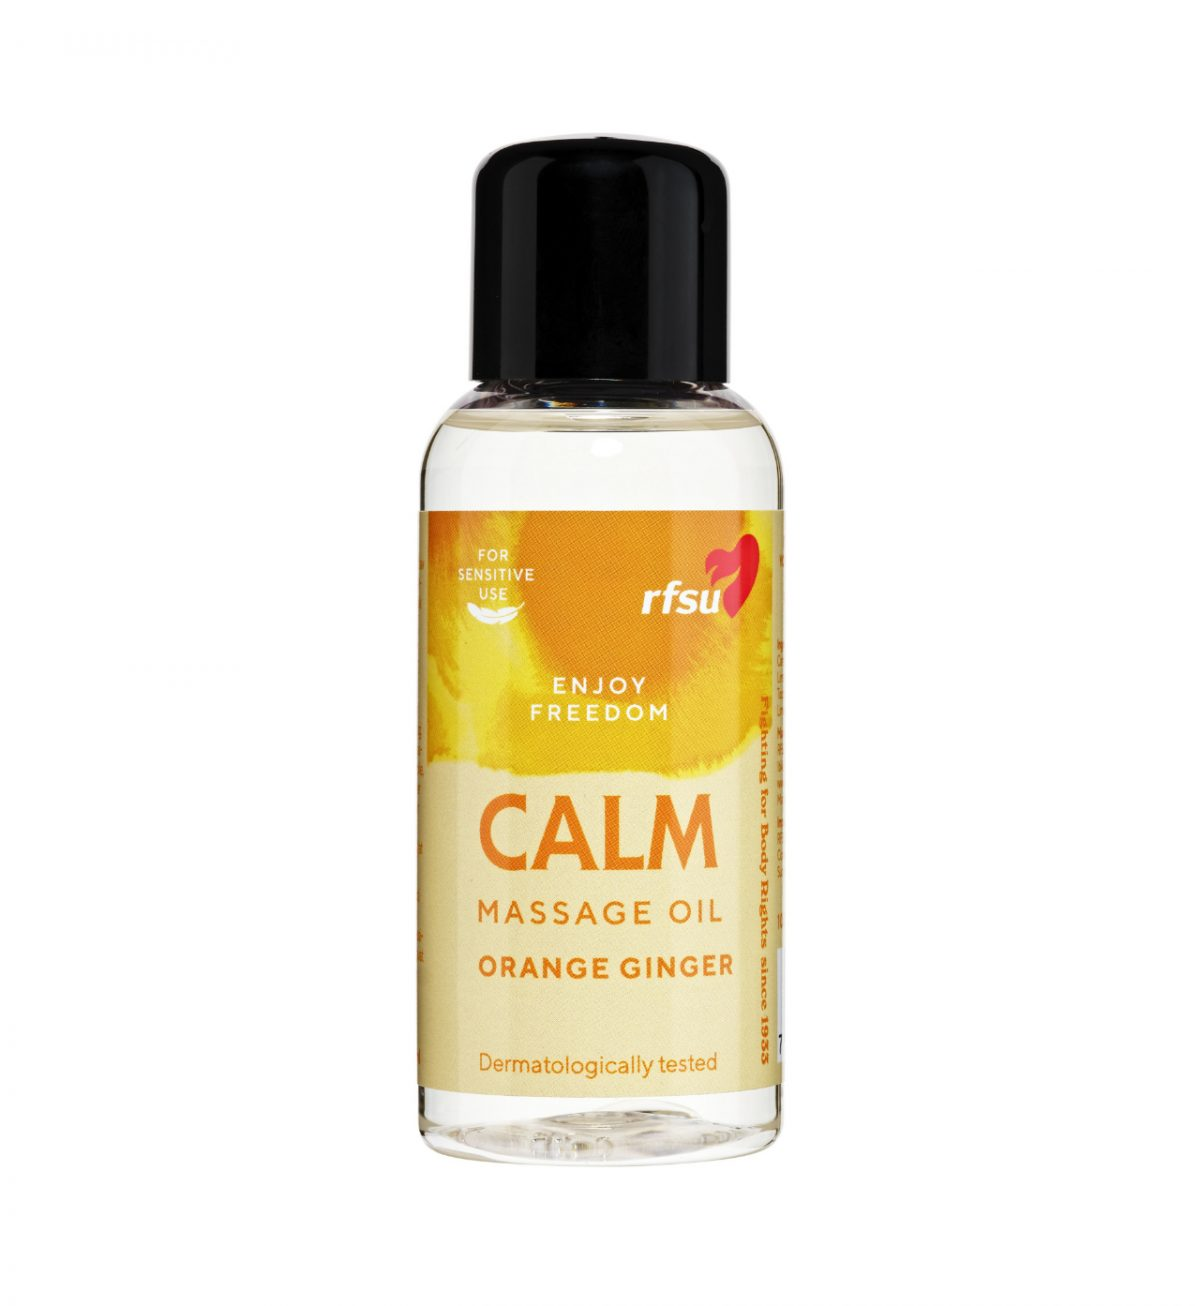 Massasjeolje Calm 100ml - Massasjeolje med duft av appelsin og ingefær - RFSU